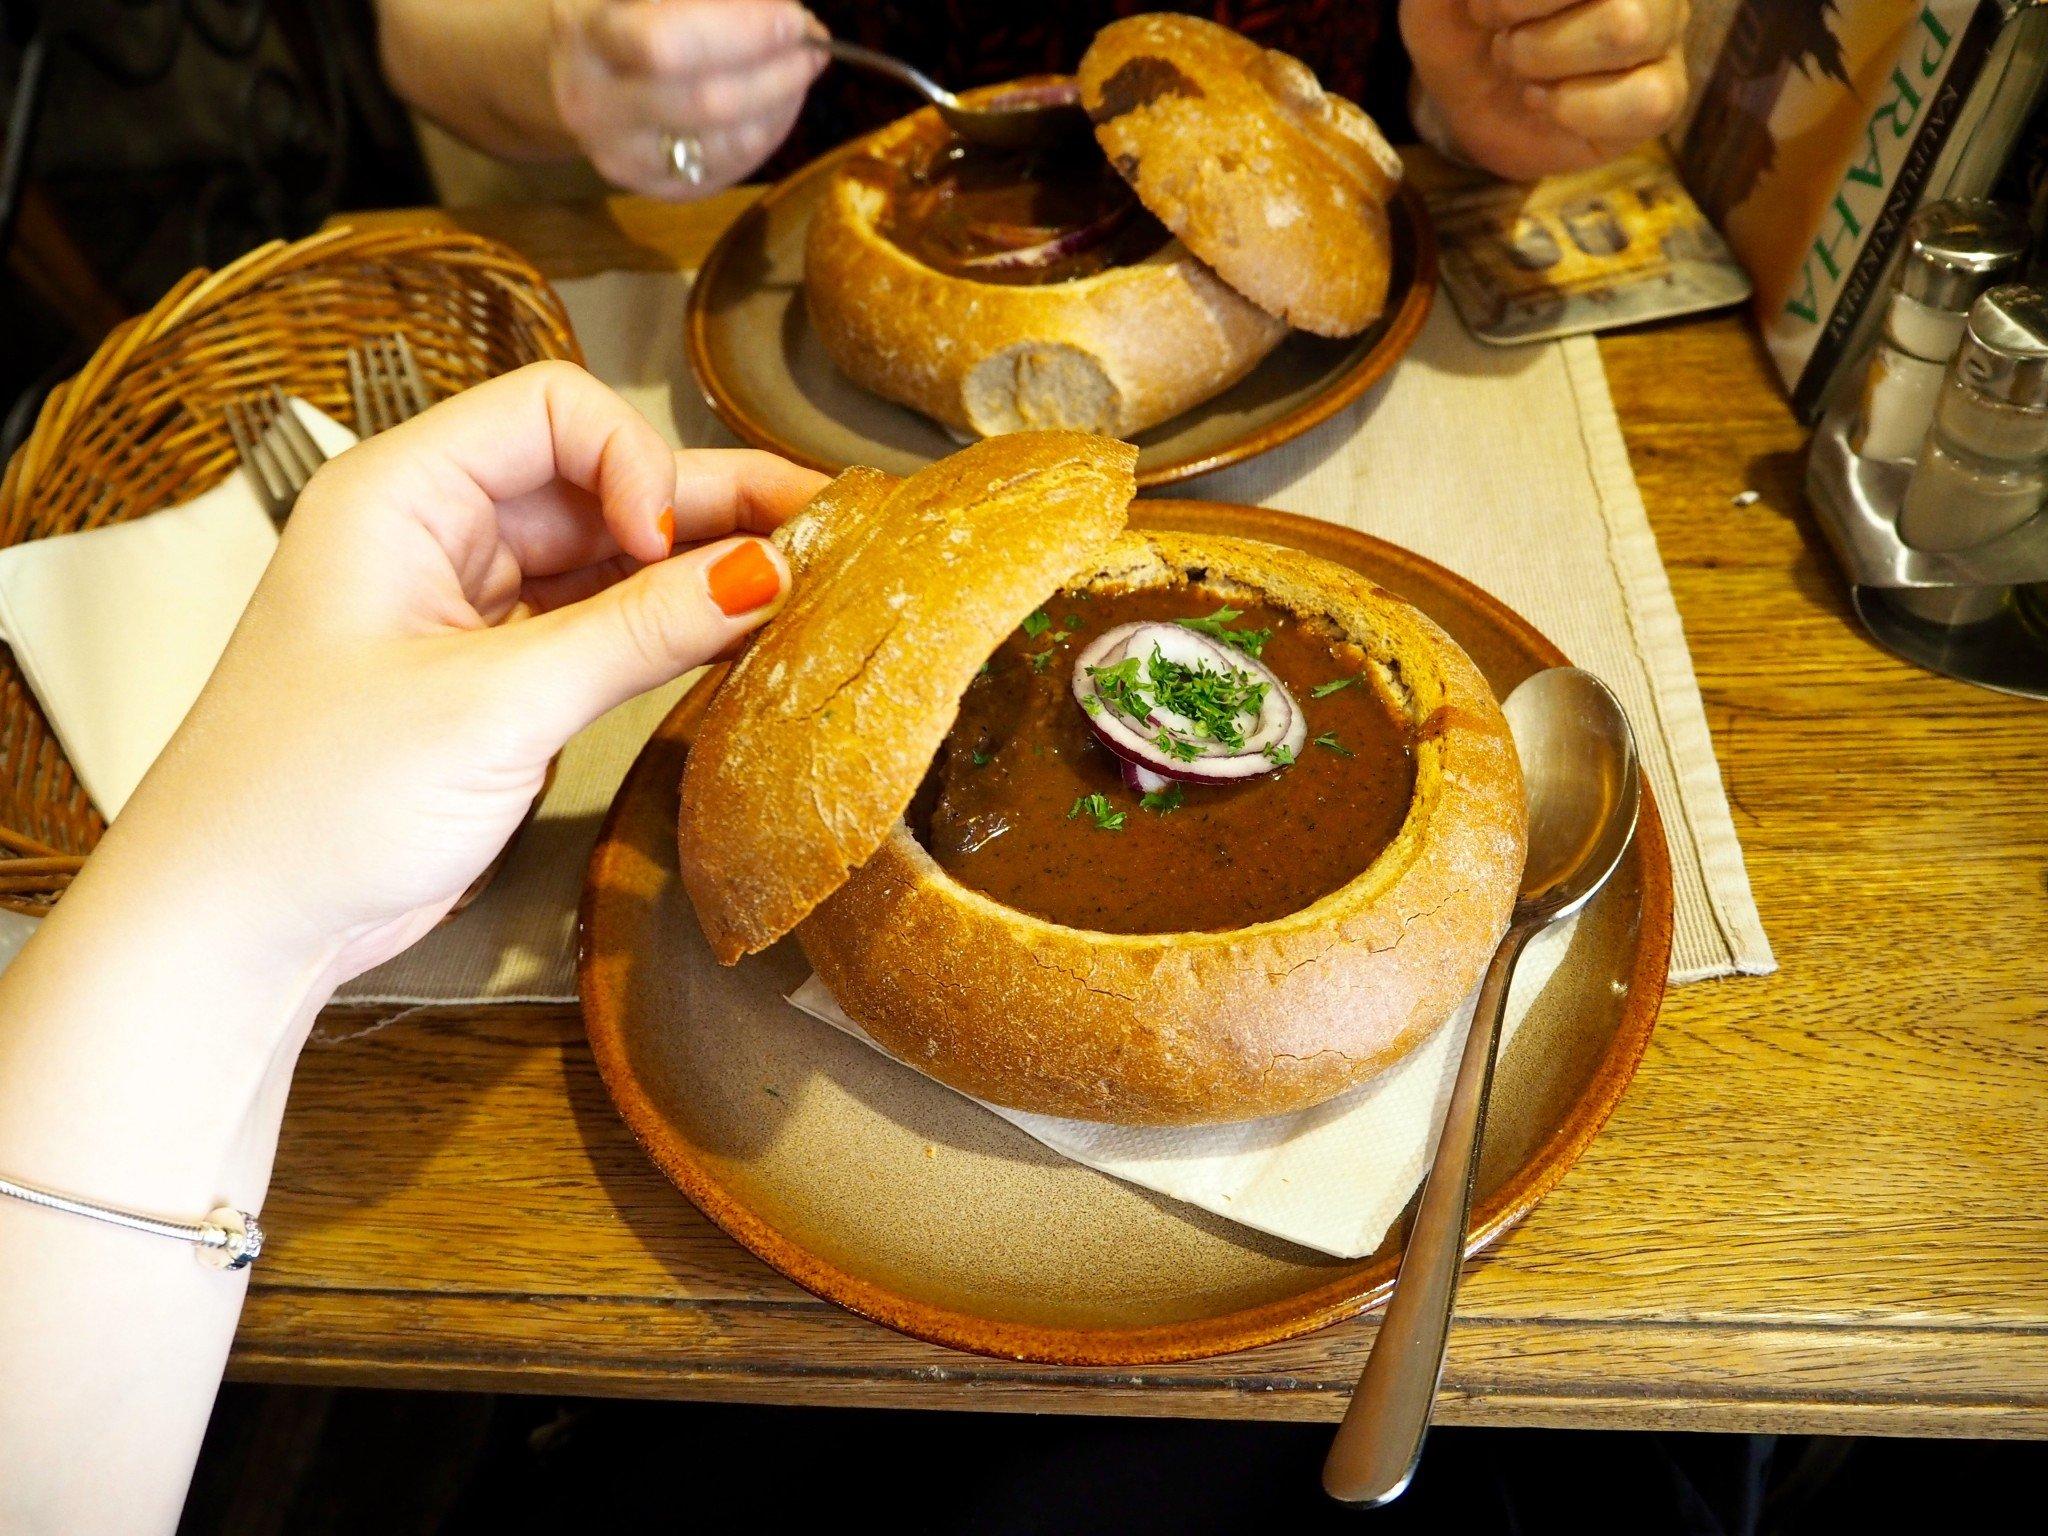 Praha goulash